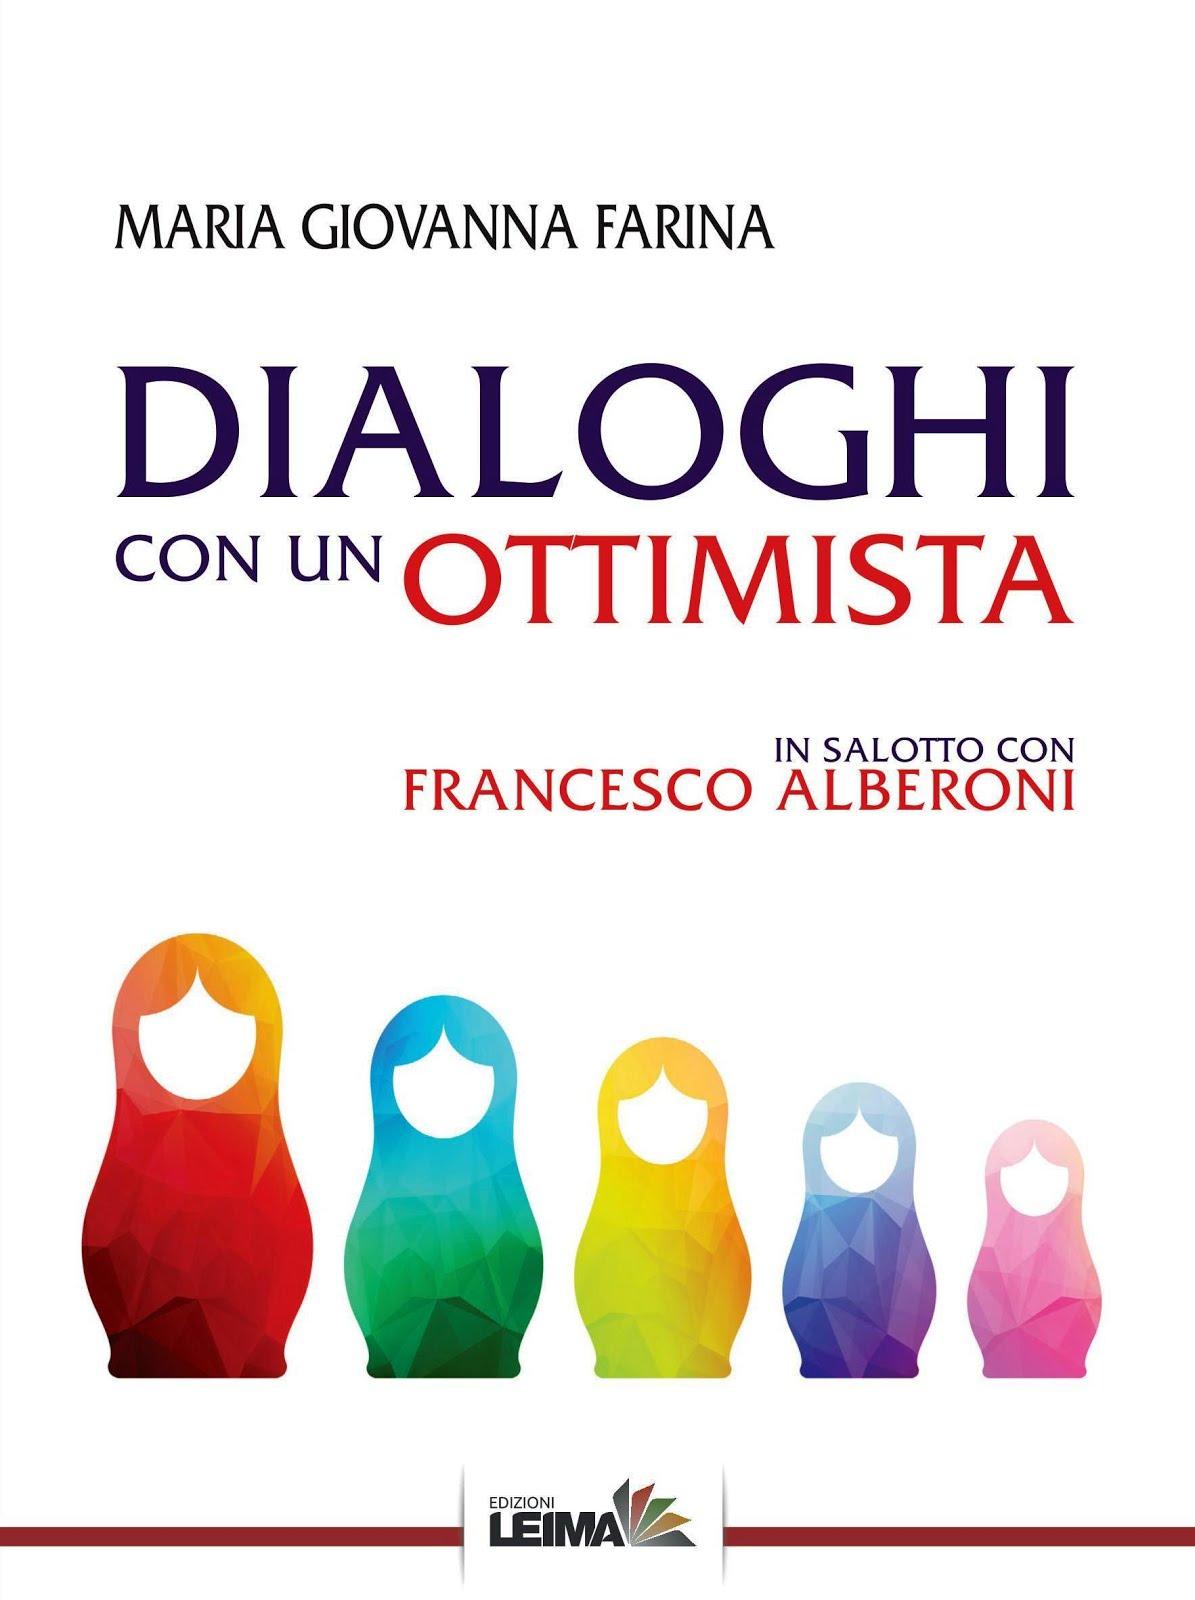 Diaologhi con un Ottimista, in salotto con Francesco Alberoni